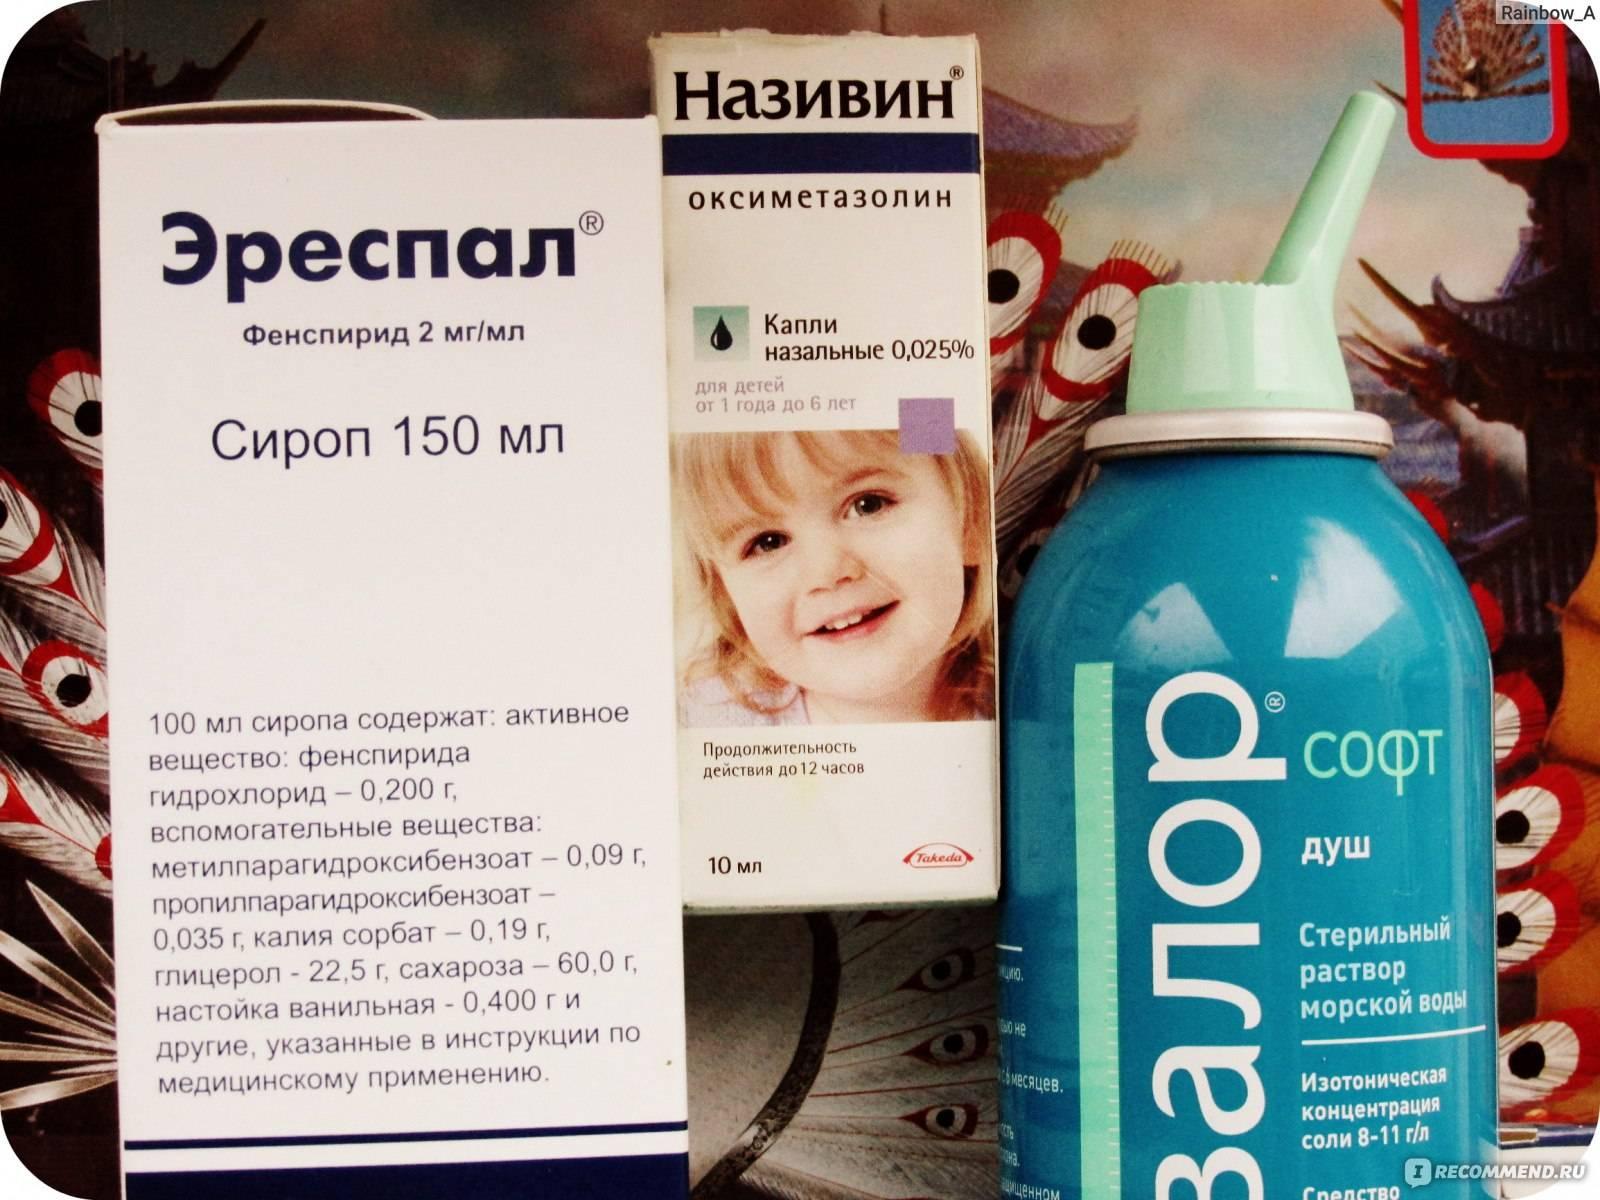 Називин - инструкция по применению - справочник медицинских препаратов - 03 онлайн